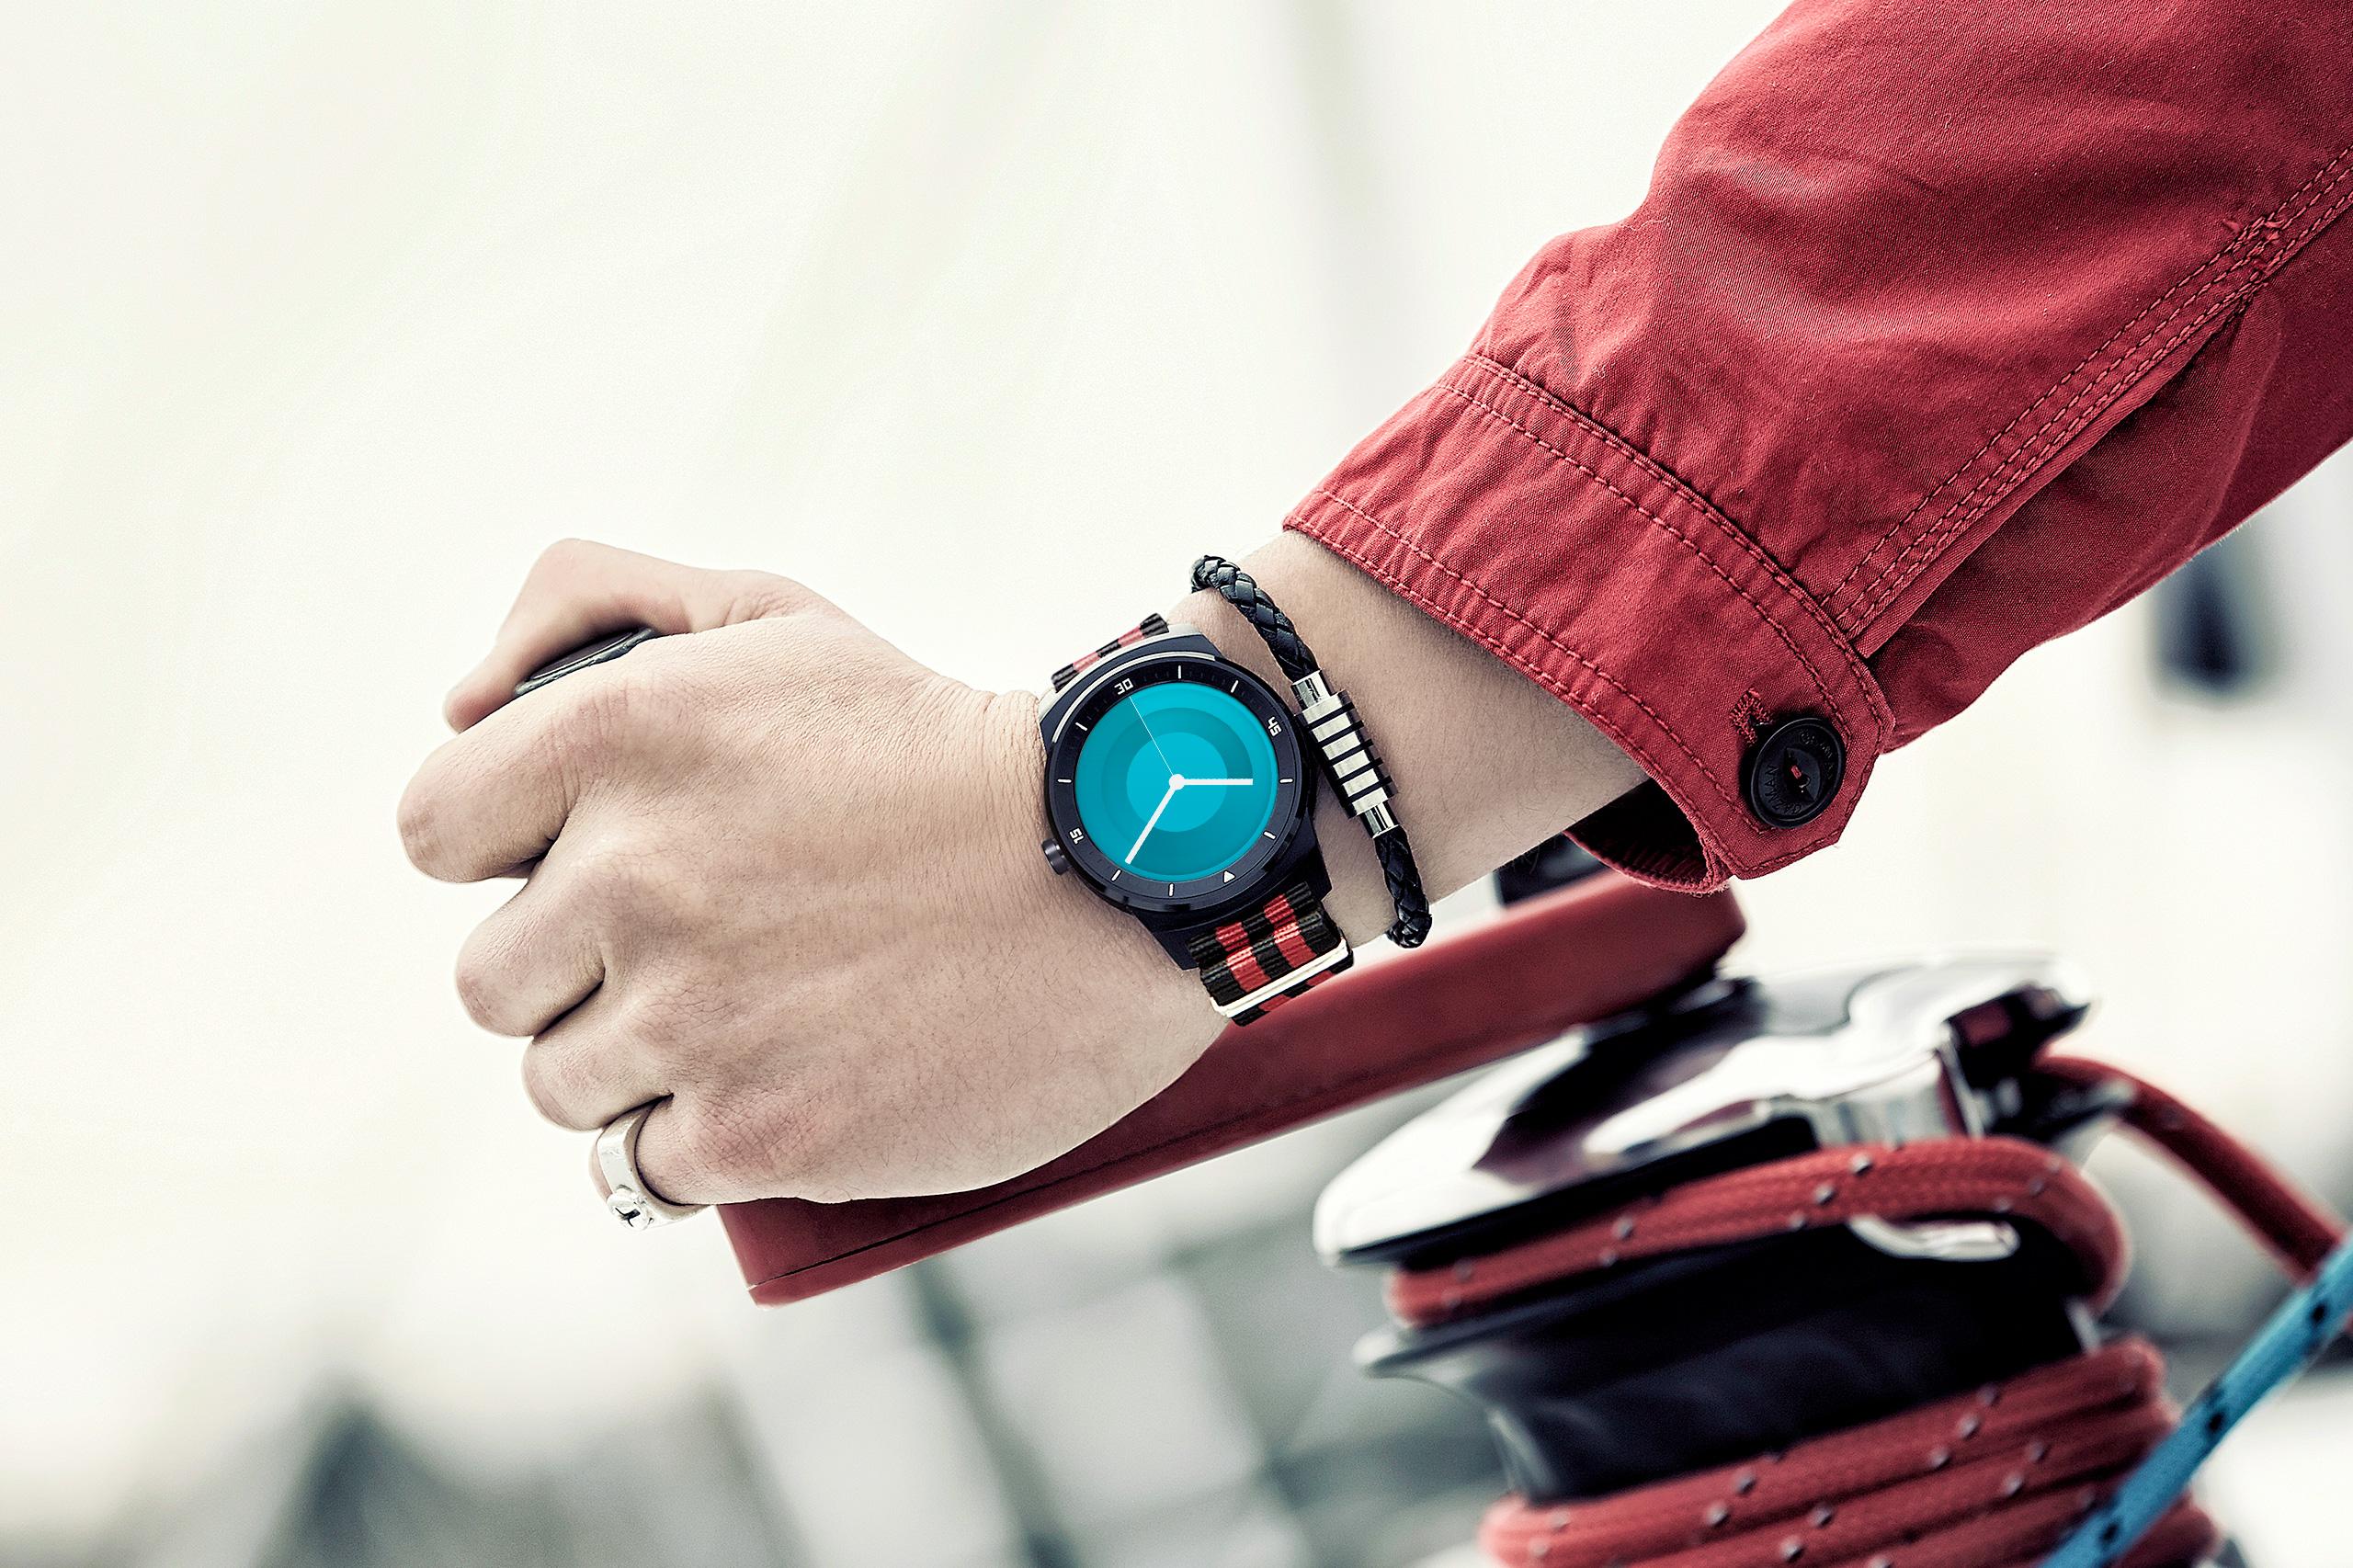 Hand watch slide